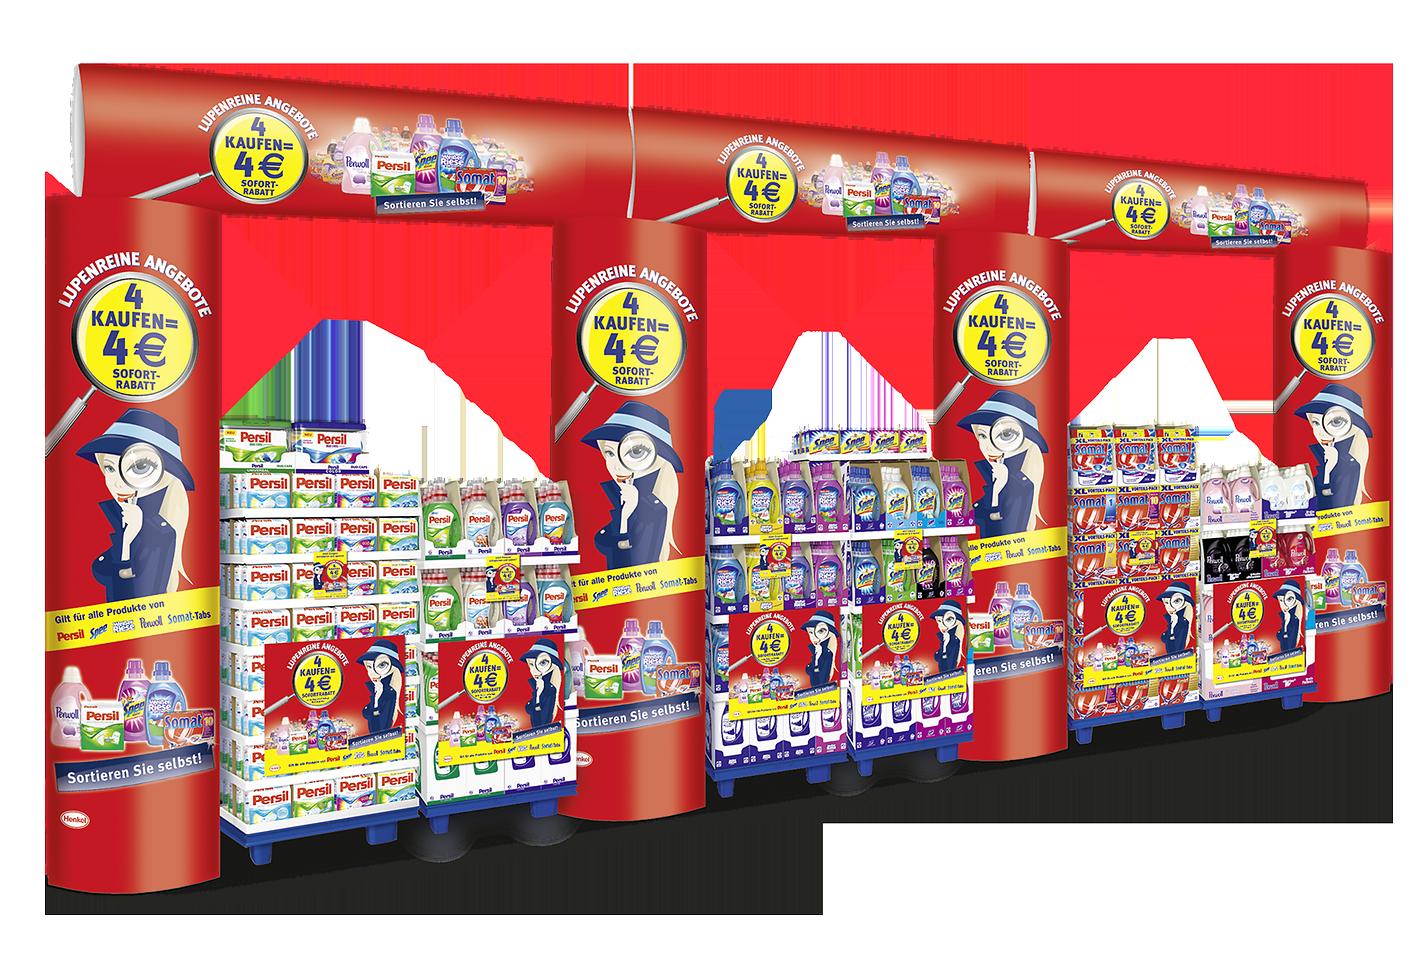 Der Rabatt-Coupon ist vom 25. August bis 28. September im teilnehmenden Handel an den Displays und Coupon-Blocks an den Waschmittel-Regalen erhältlich.